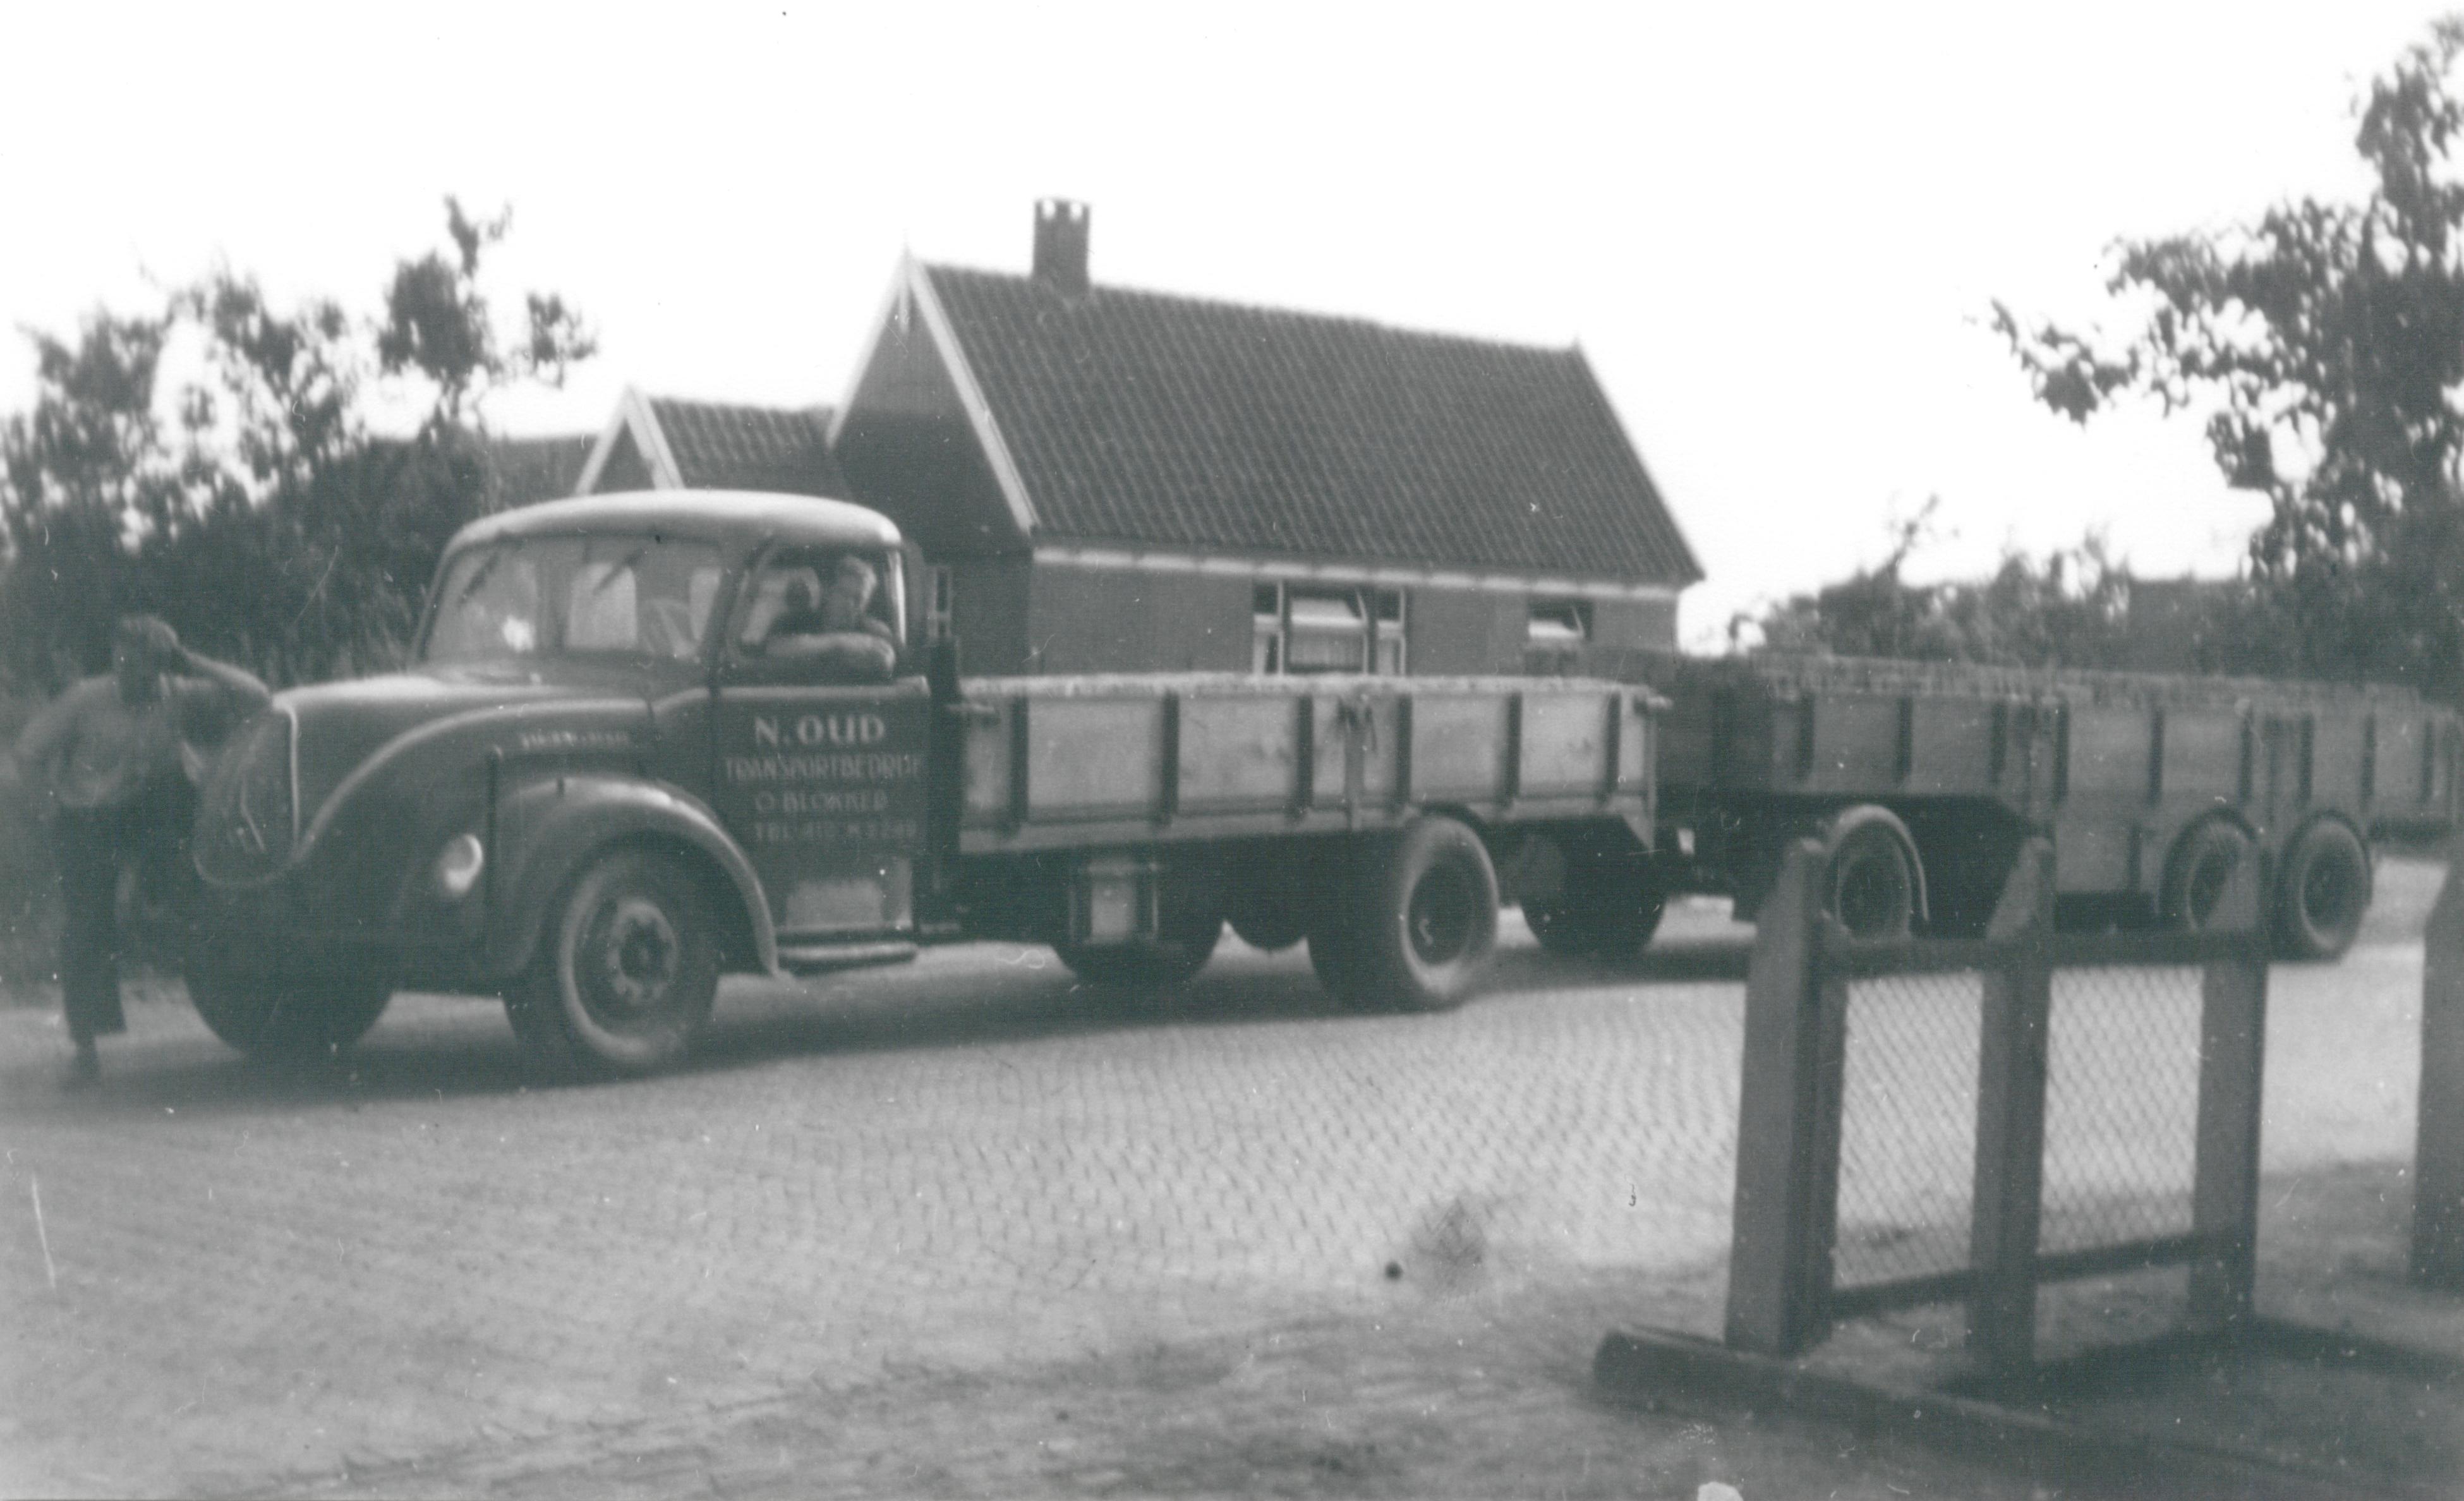 Transportbedrijf Oud in 1958